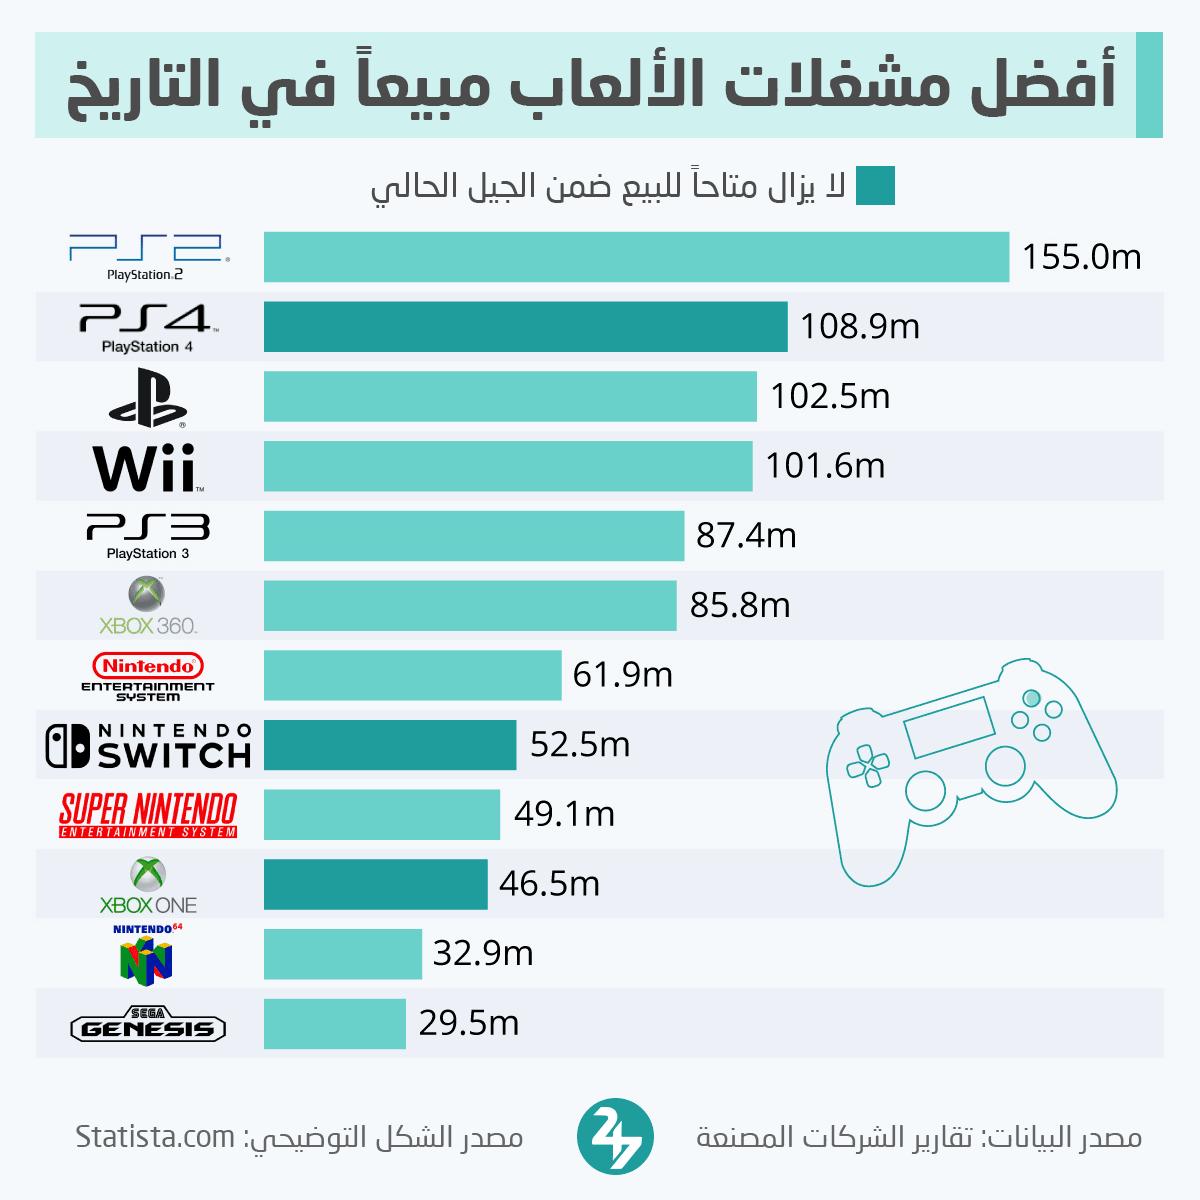 أفضل مشغلات الألعاب مبيعاً في التاريخ